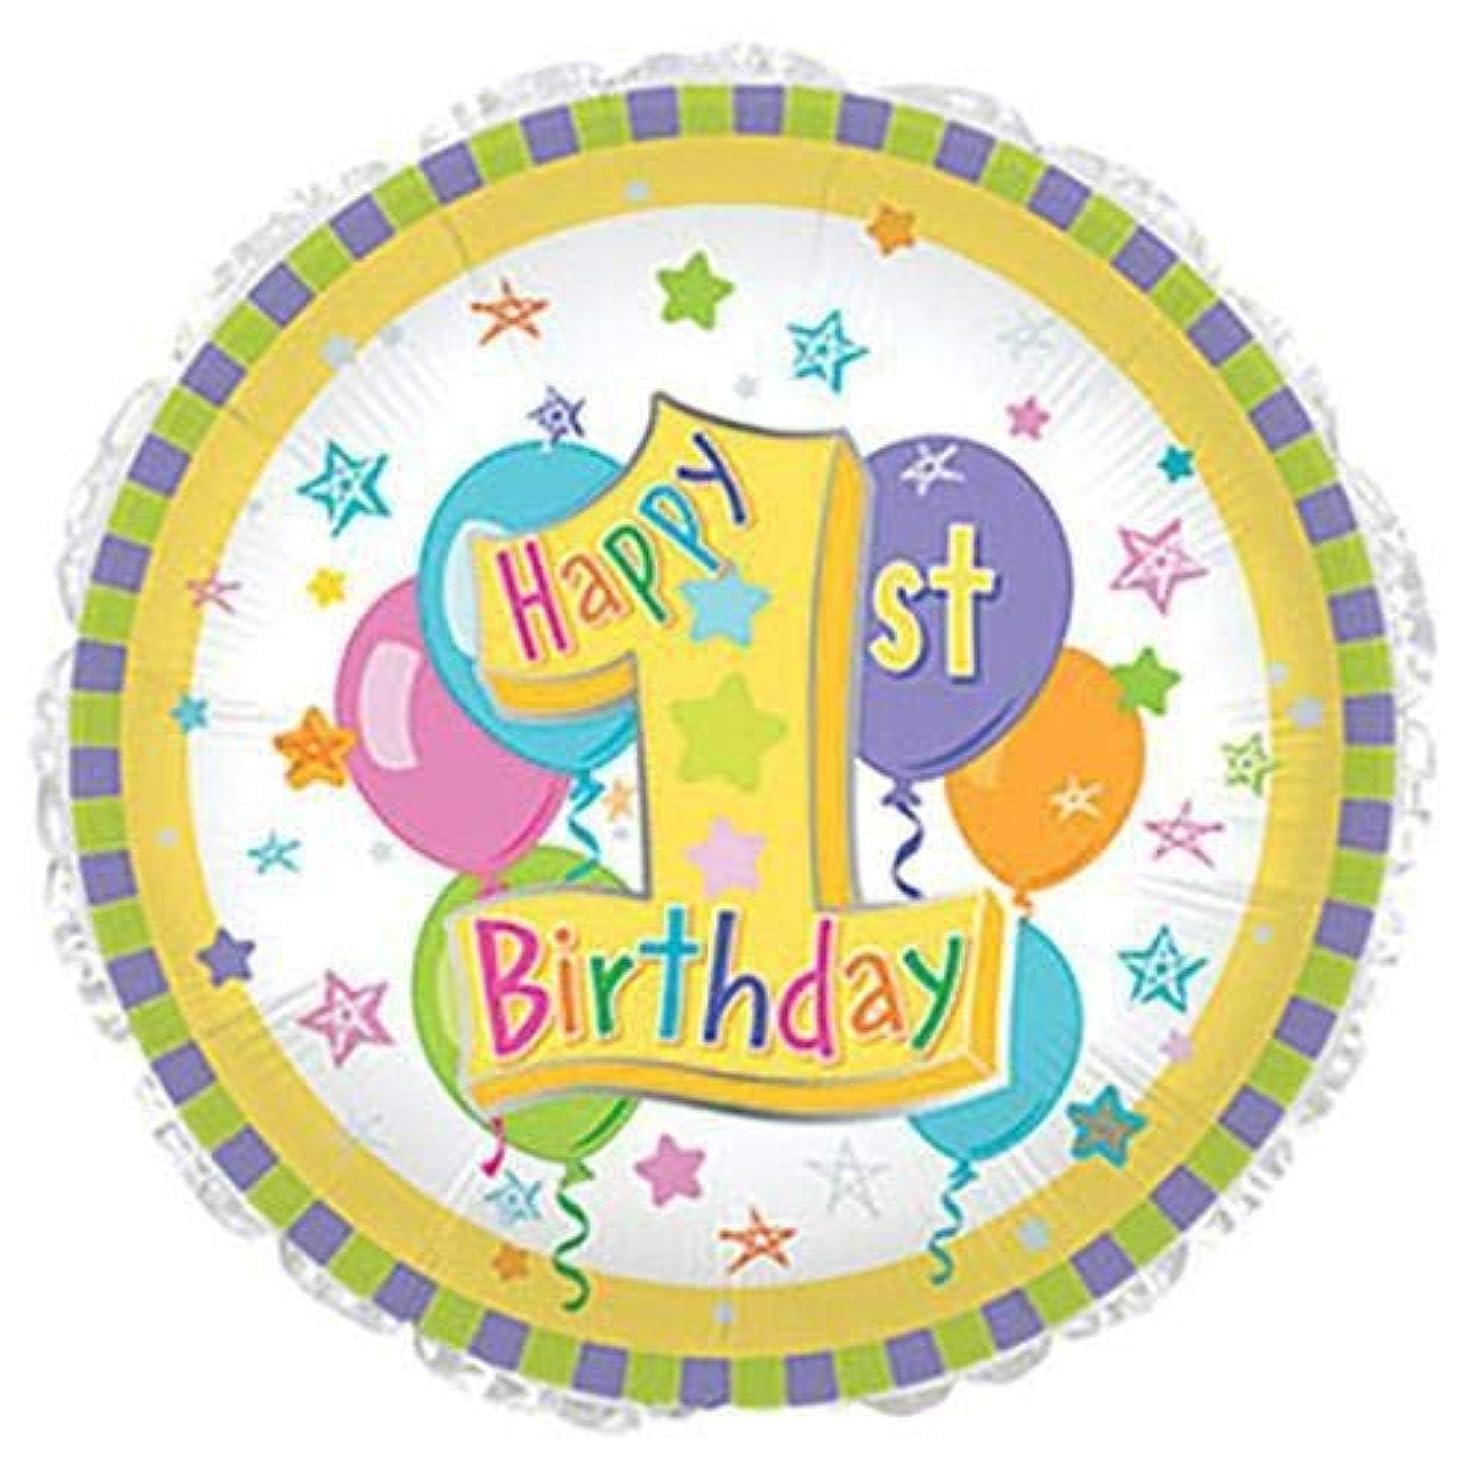 CTI Balloons Foil Balloon 114363 Pastel 1st Birthday, 17